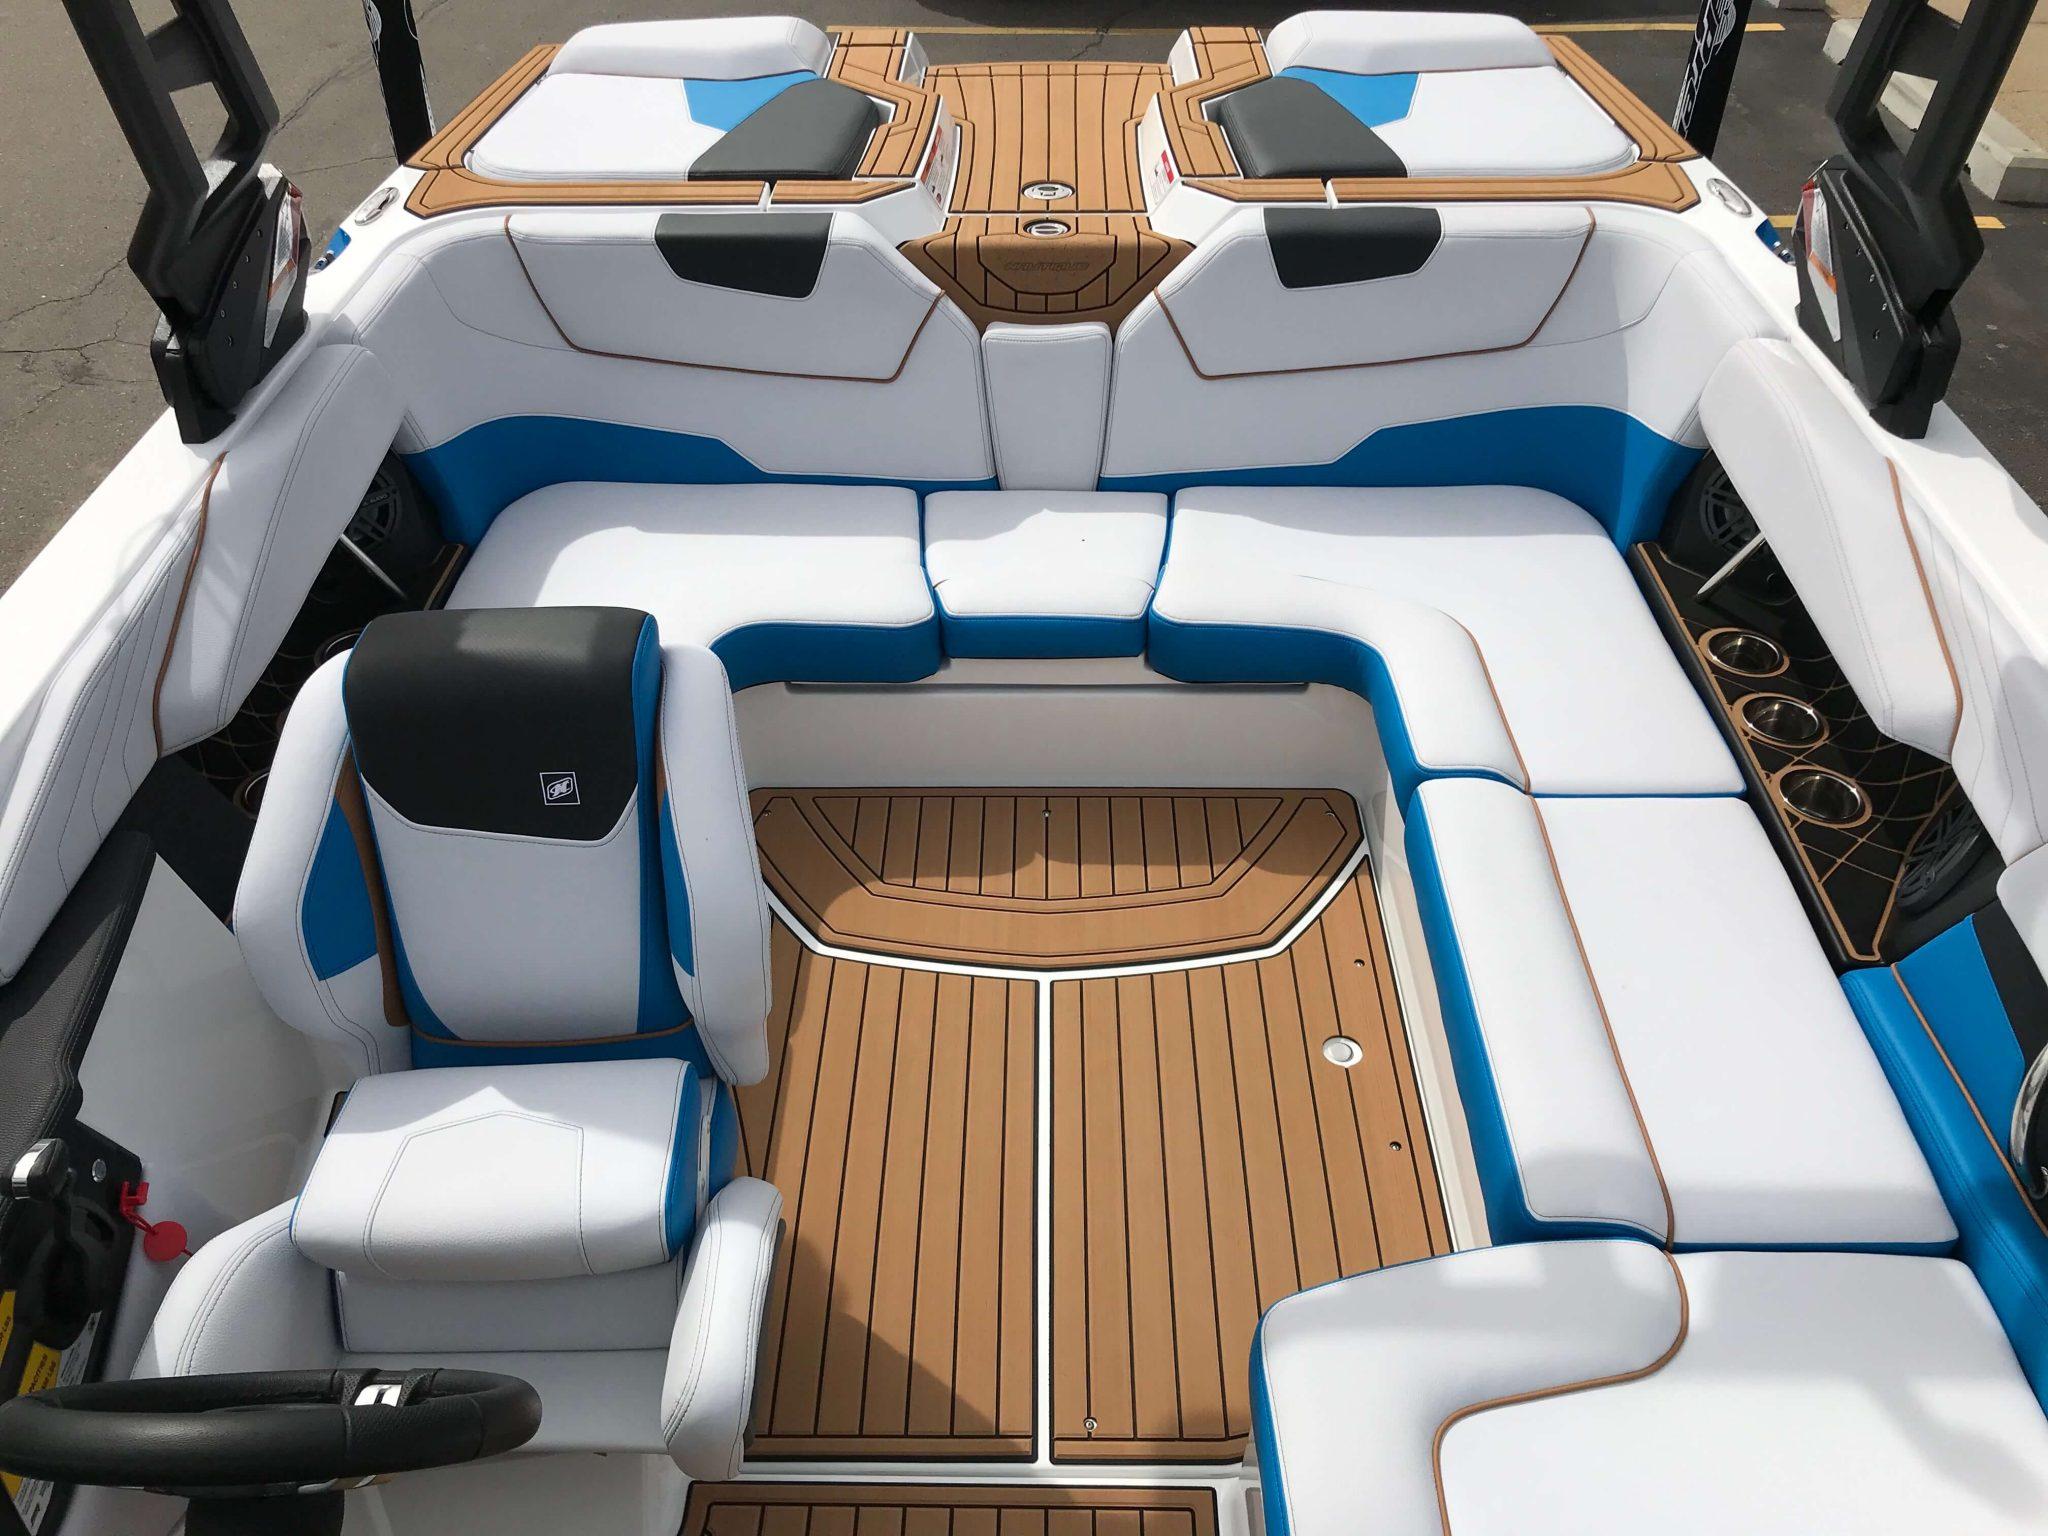 2019 Nautique GS20 Interior Layout 6